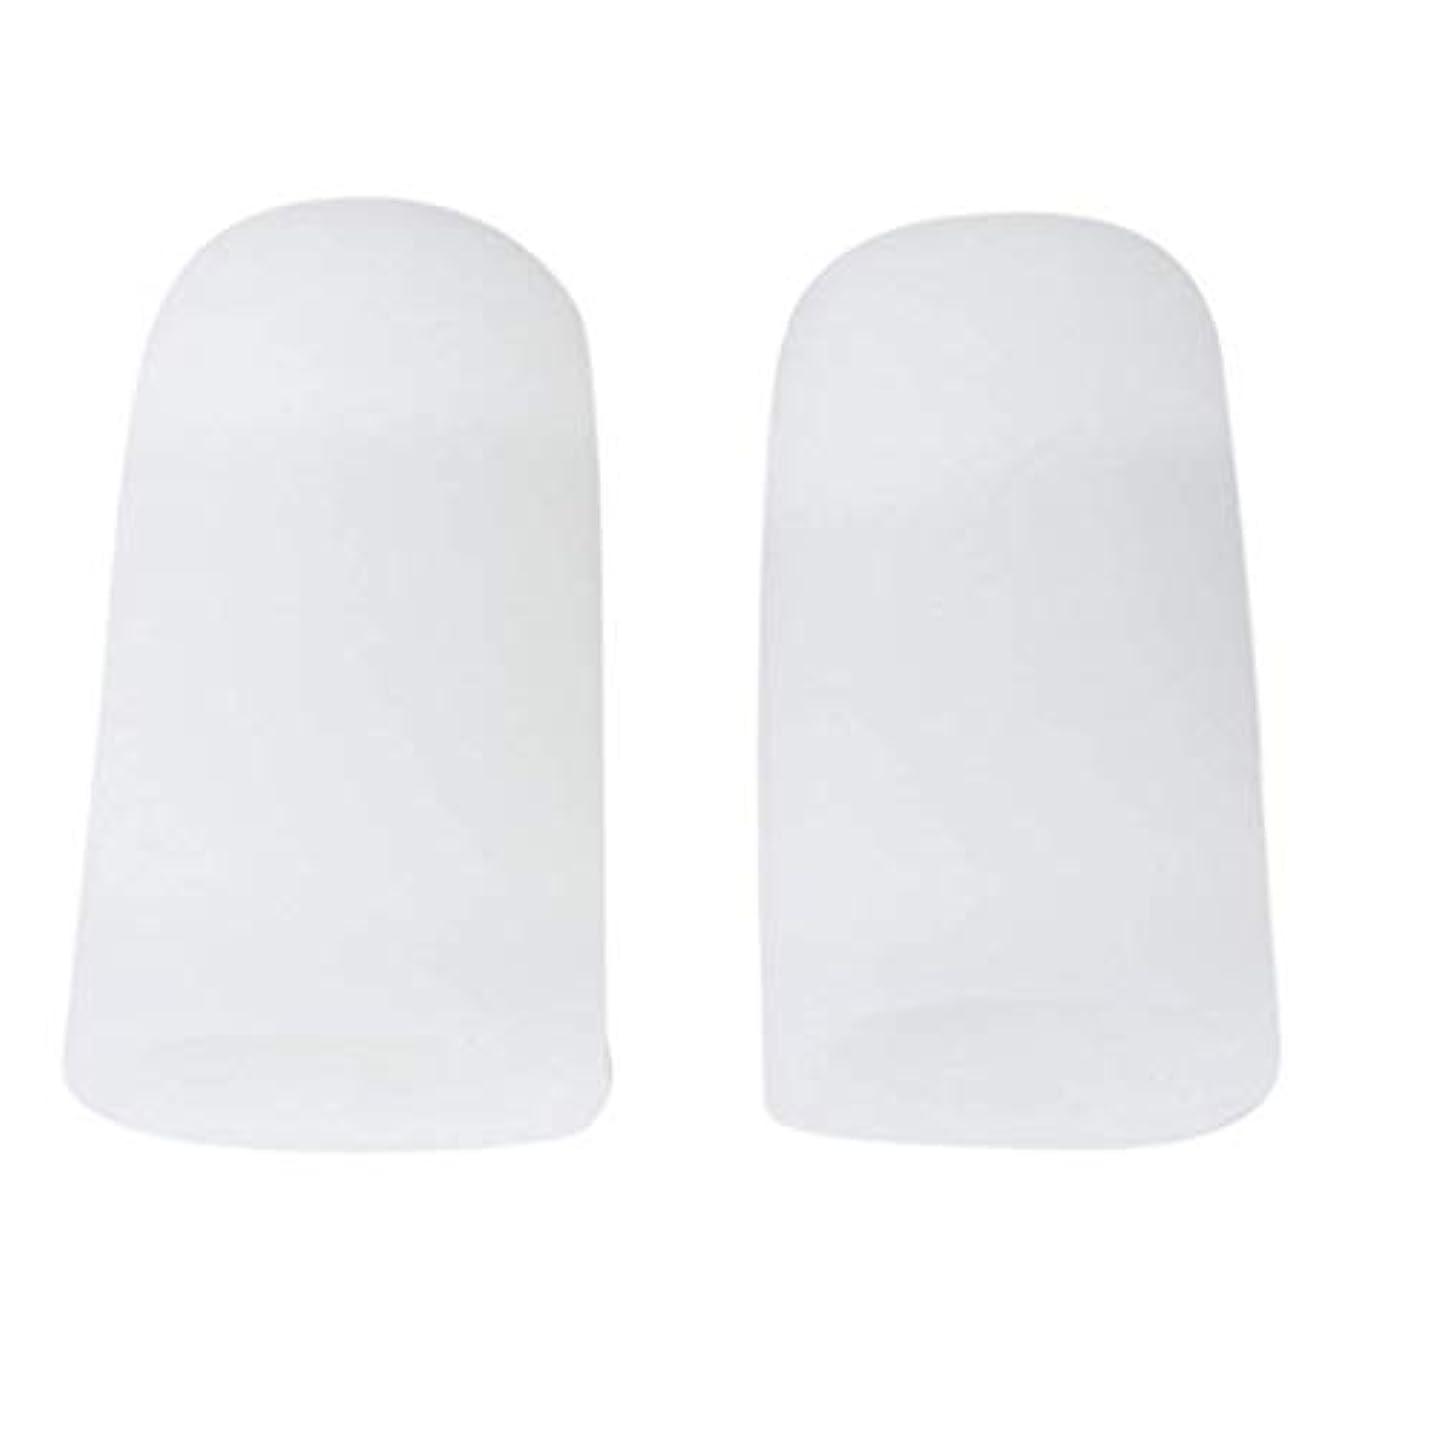 差し引く余暇広げるTSUCIA 足指保護キャップ つま先プロテクター 足先のつめ保護キャップ シリコン (M)